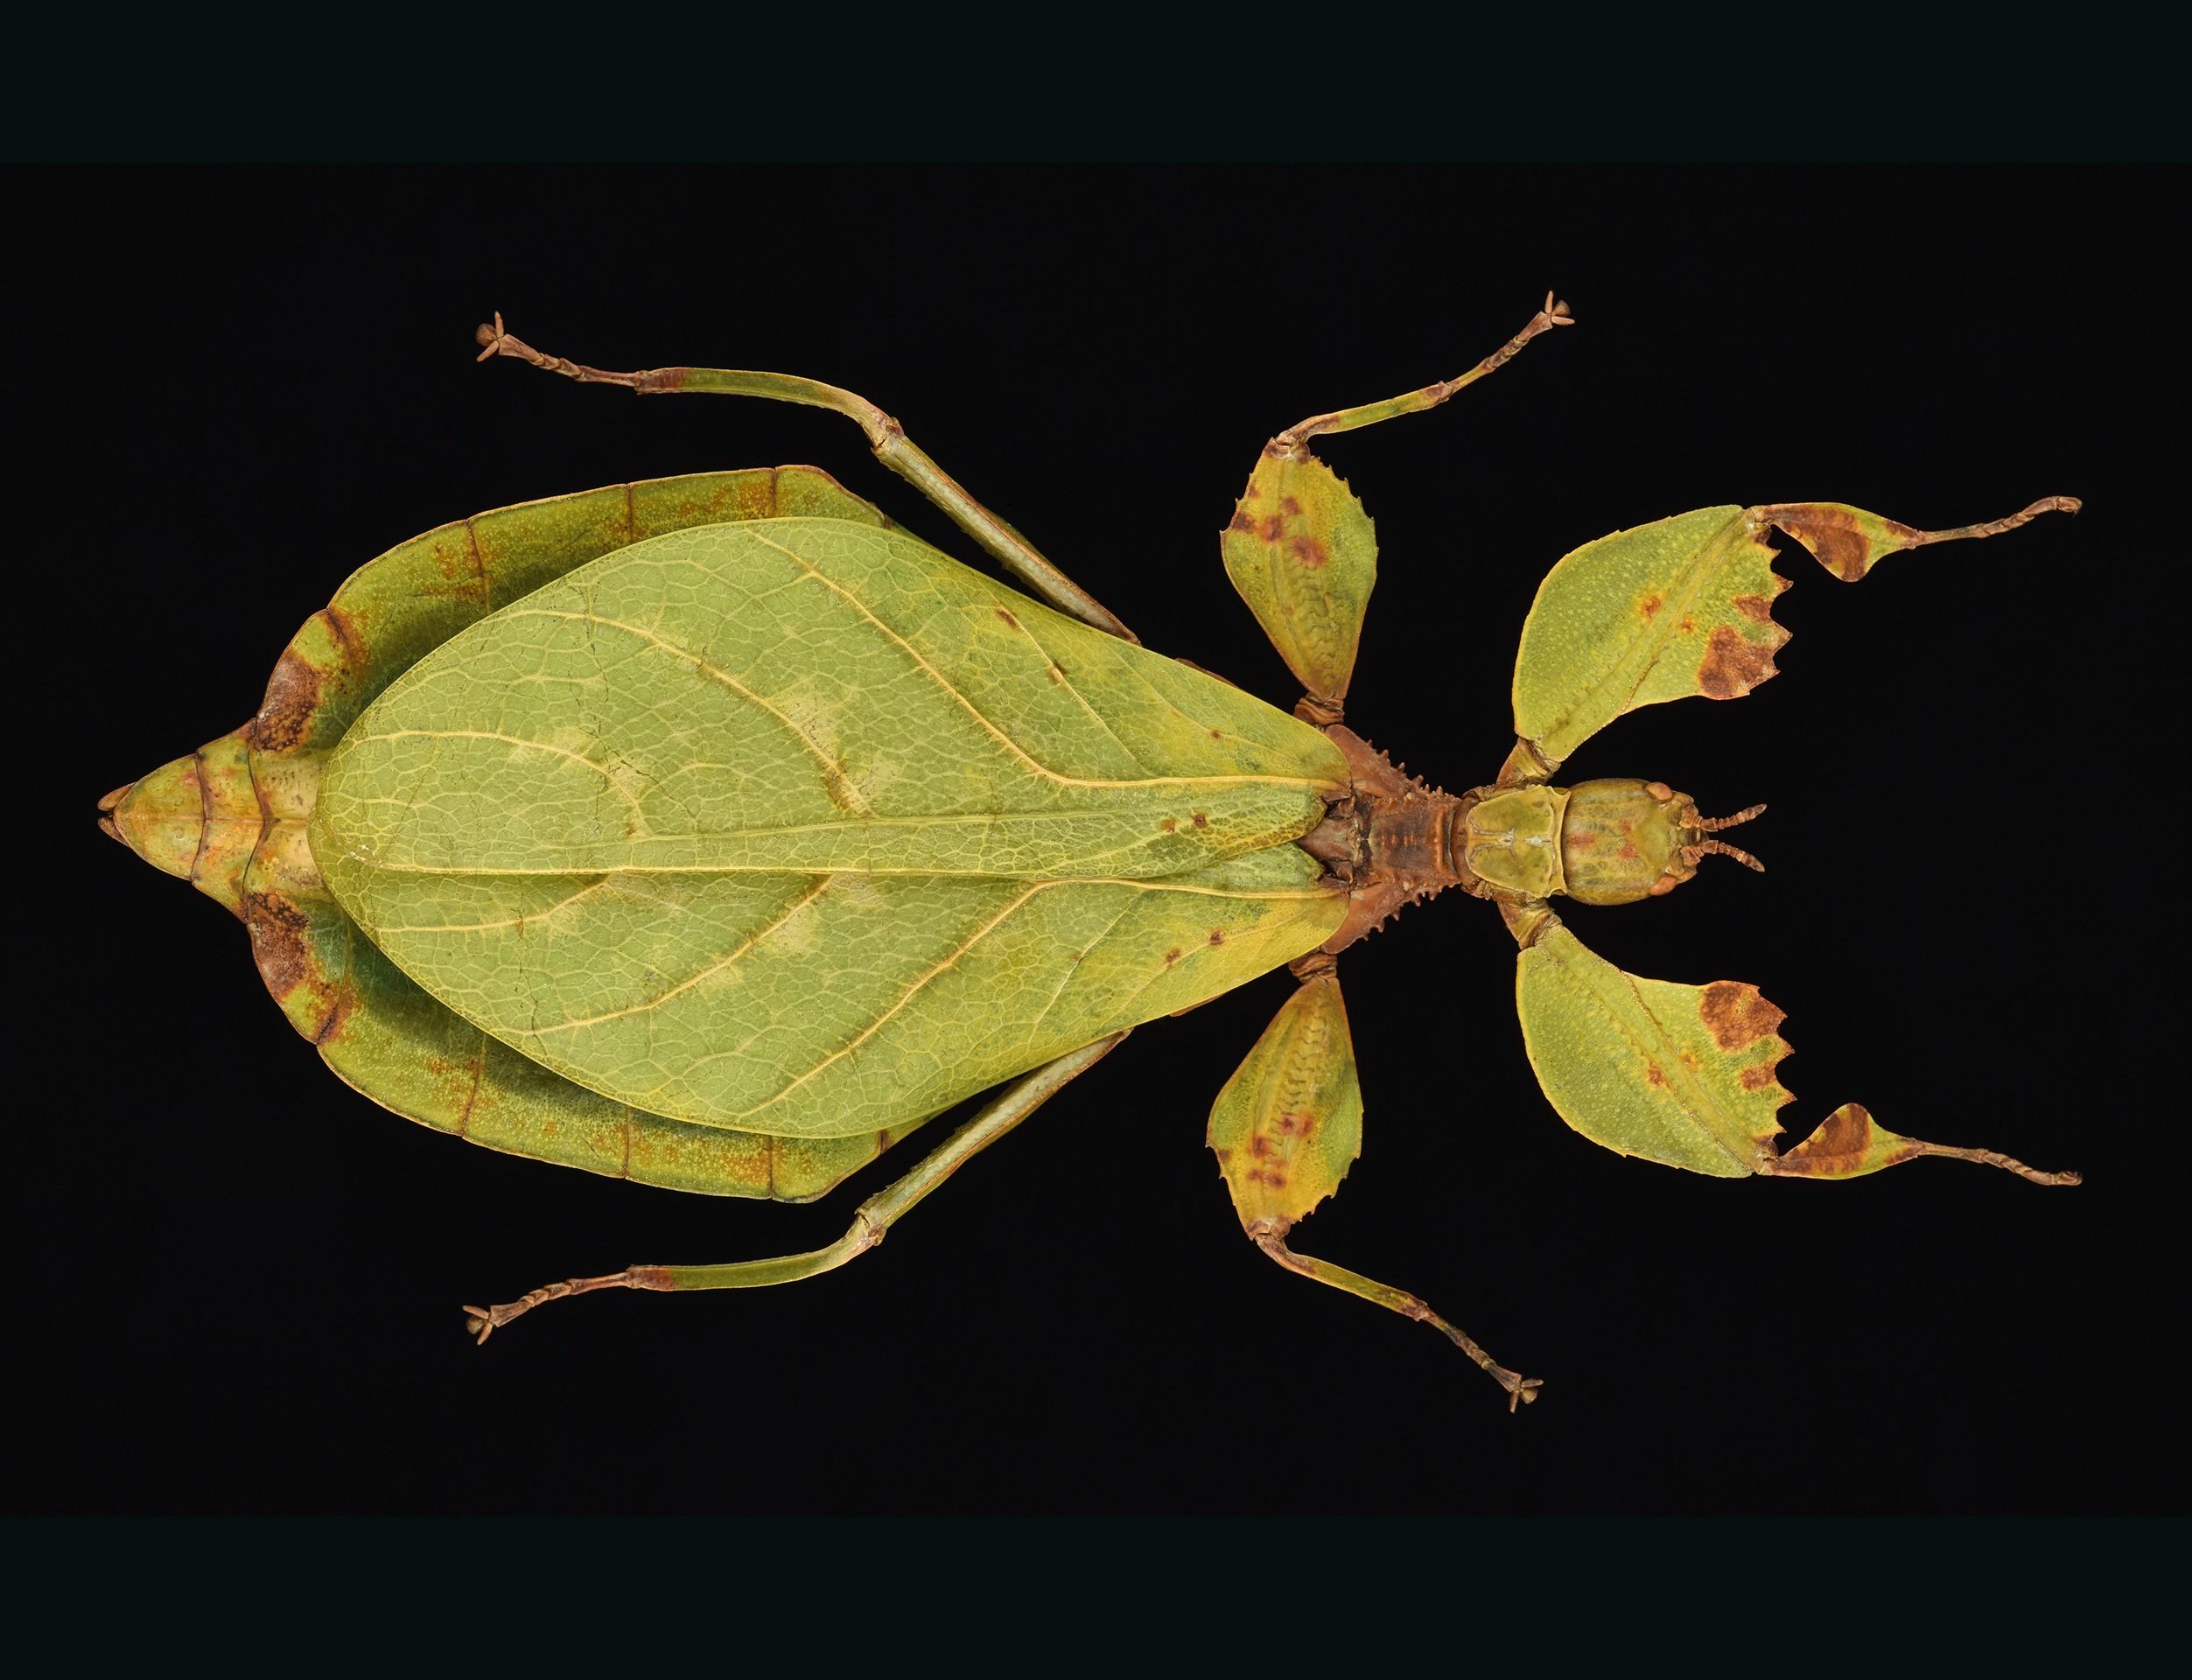 Un Insecte Nommé En L'honneur D'un Employé De L'insectarium pour Les Noms Des Insectes